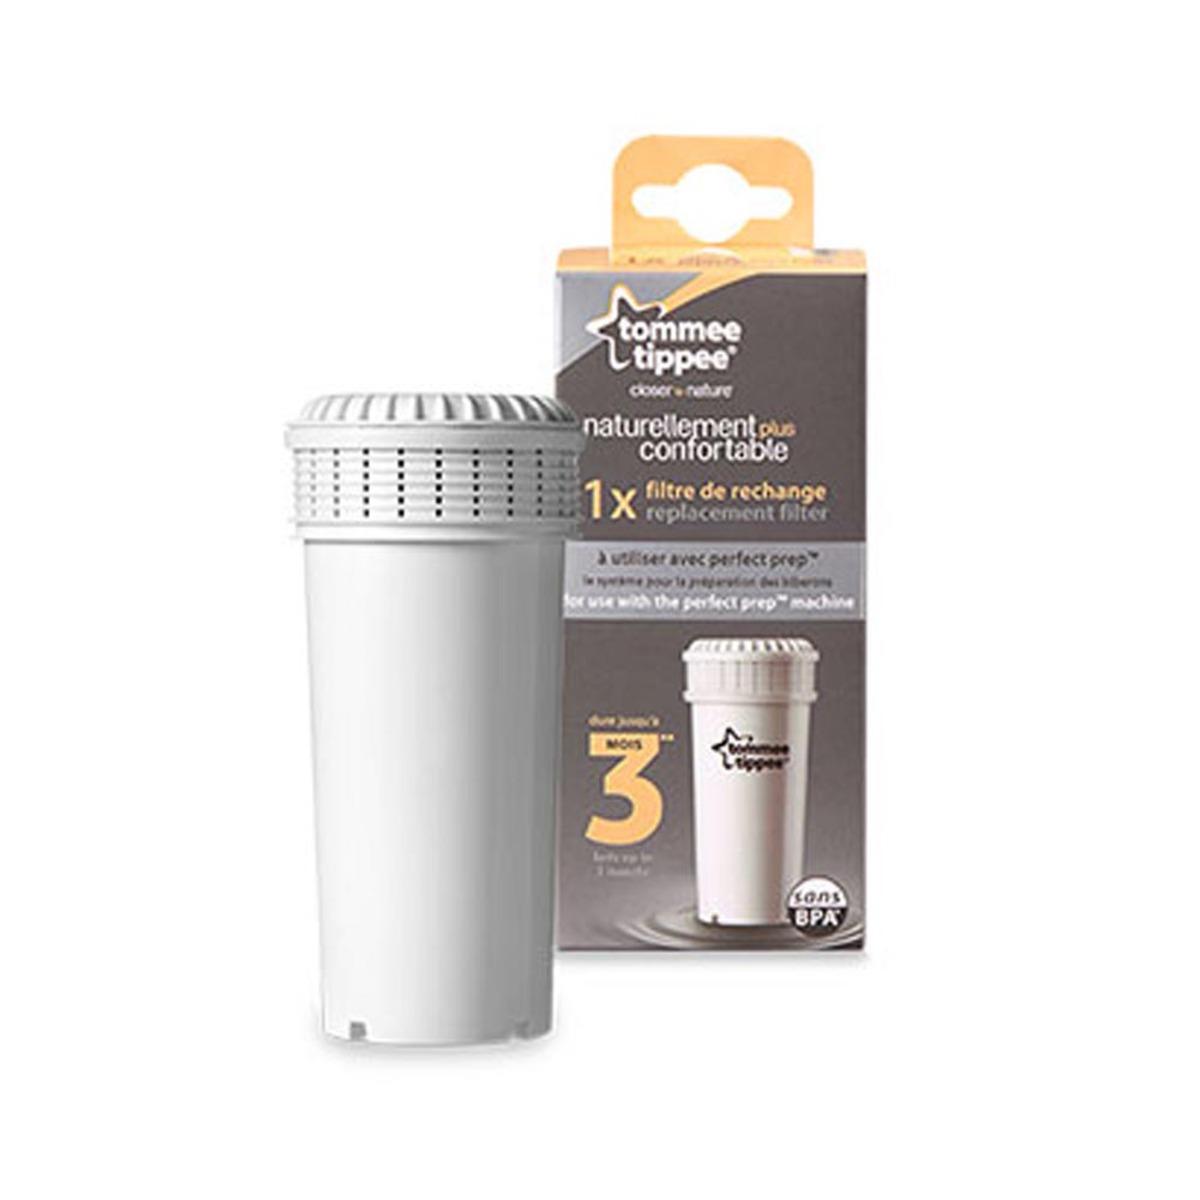 tommee tippee filtre pour pr parateur de biberon perfect. Black Bedroom Furniture Sets. Home Design Ideas